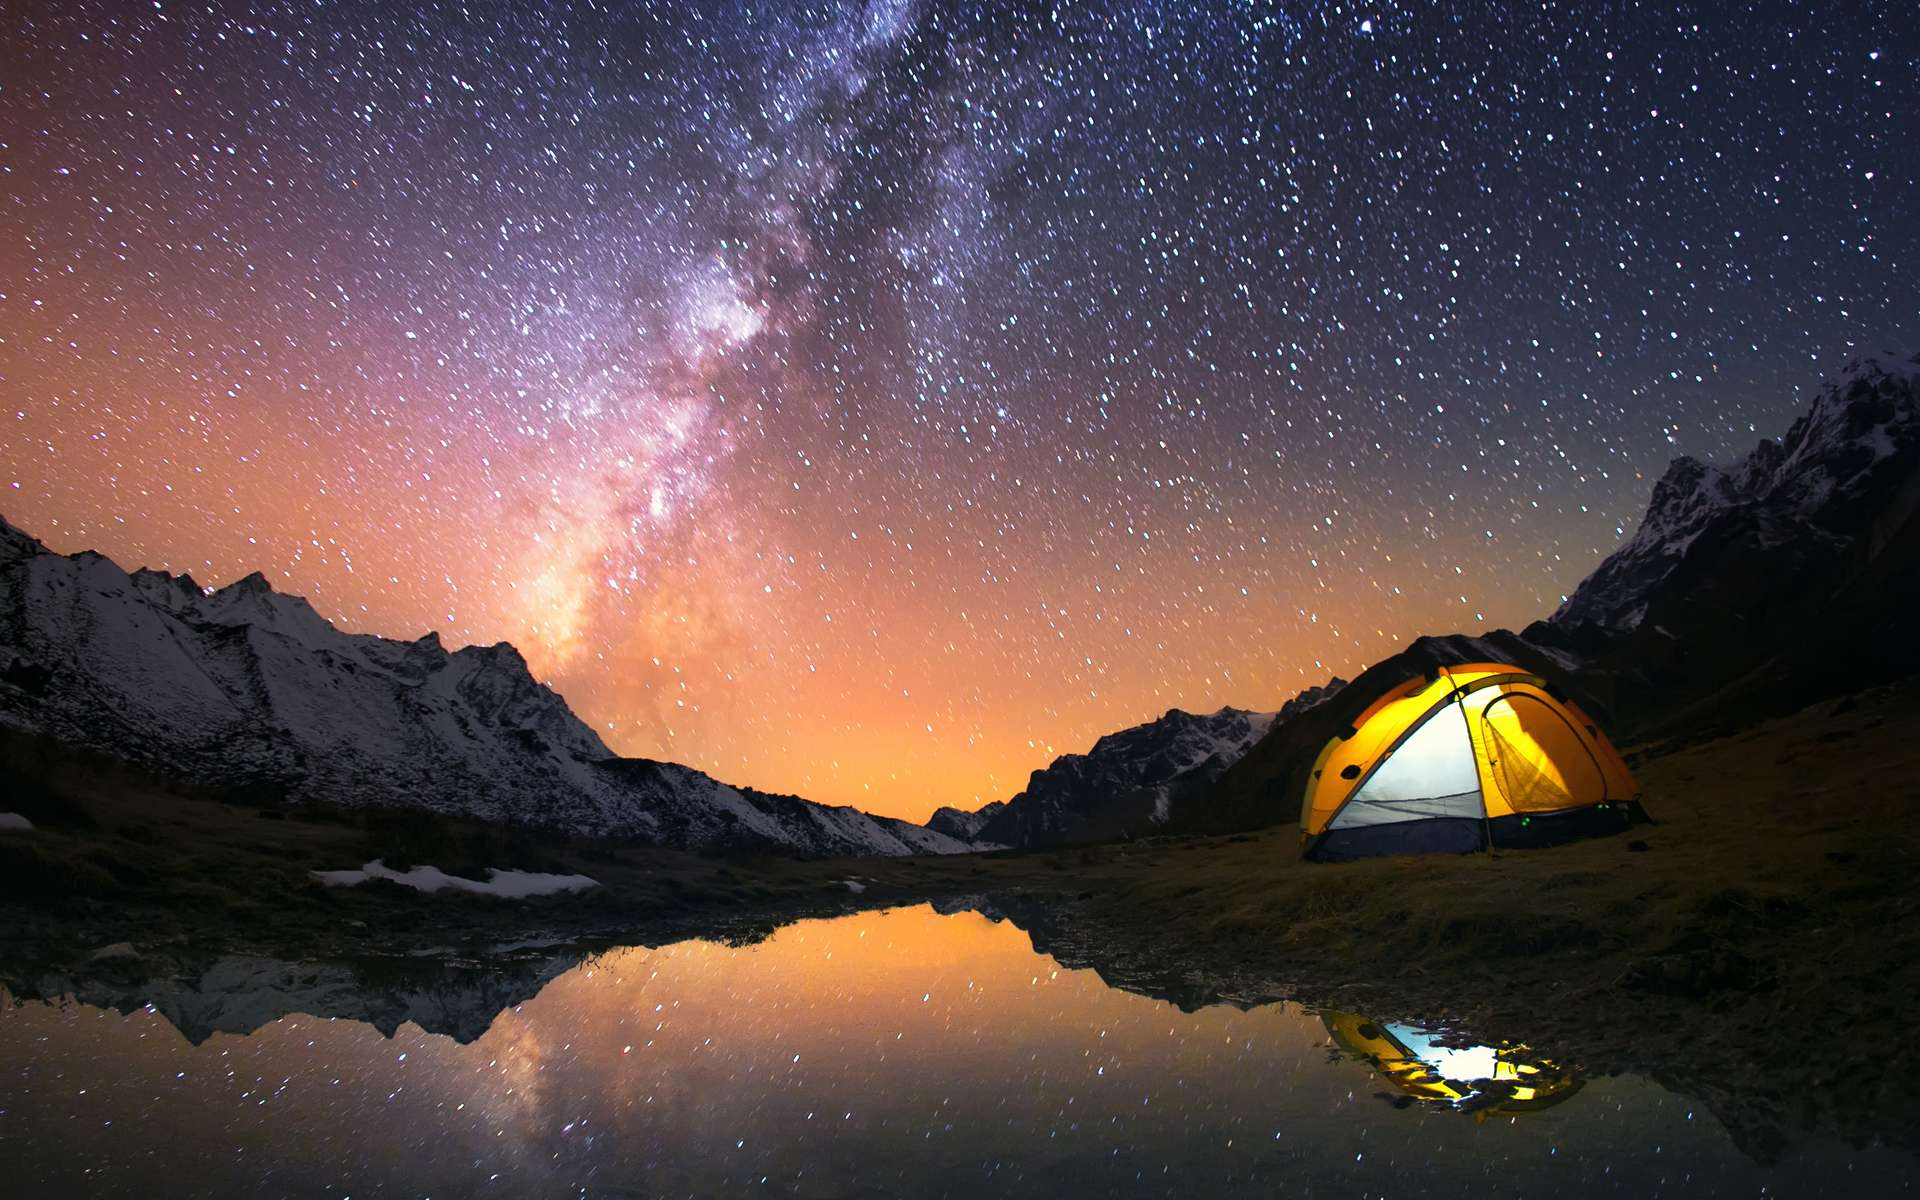 La Voie lactée dans le ciel d'été. © Jankovoy, Adobe Stock